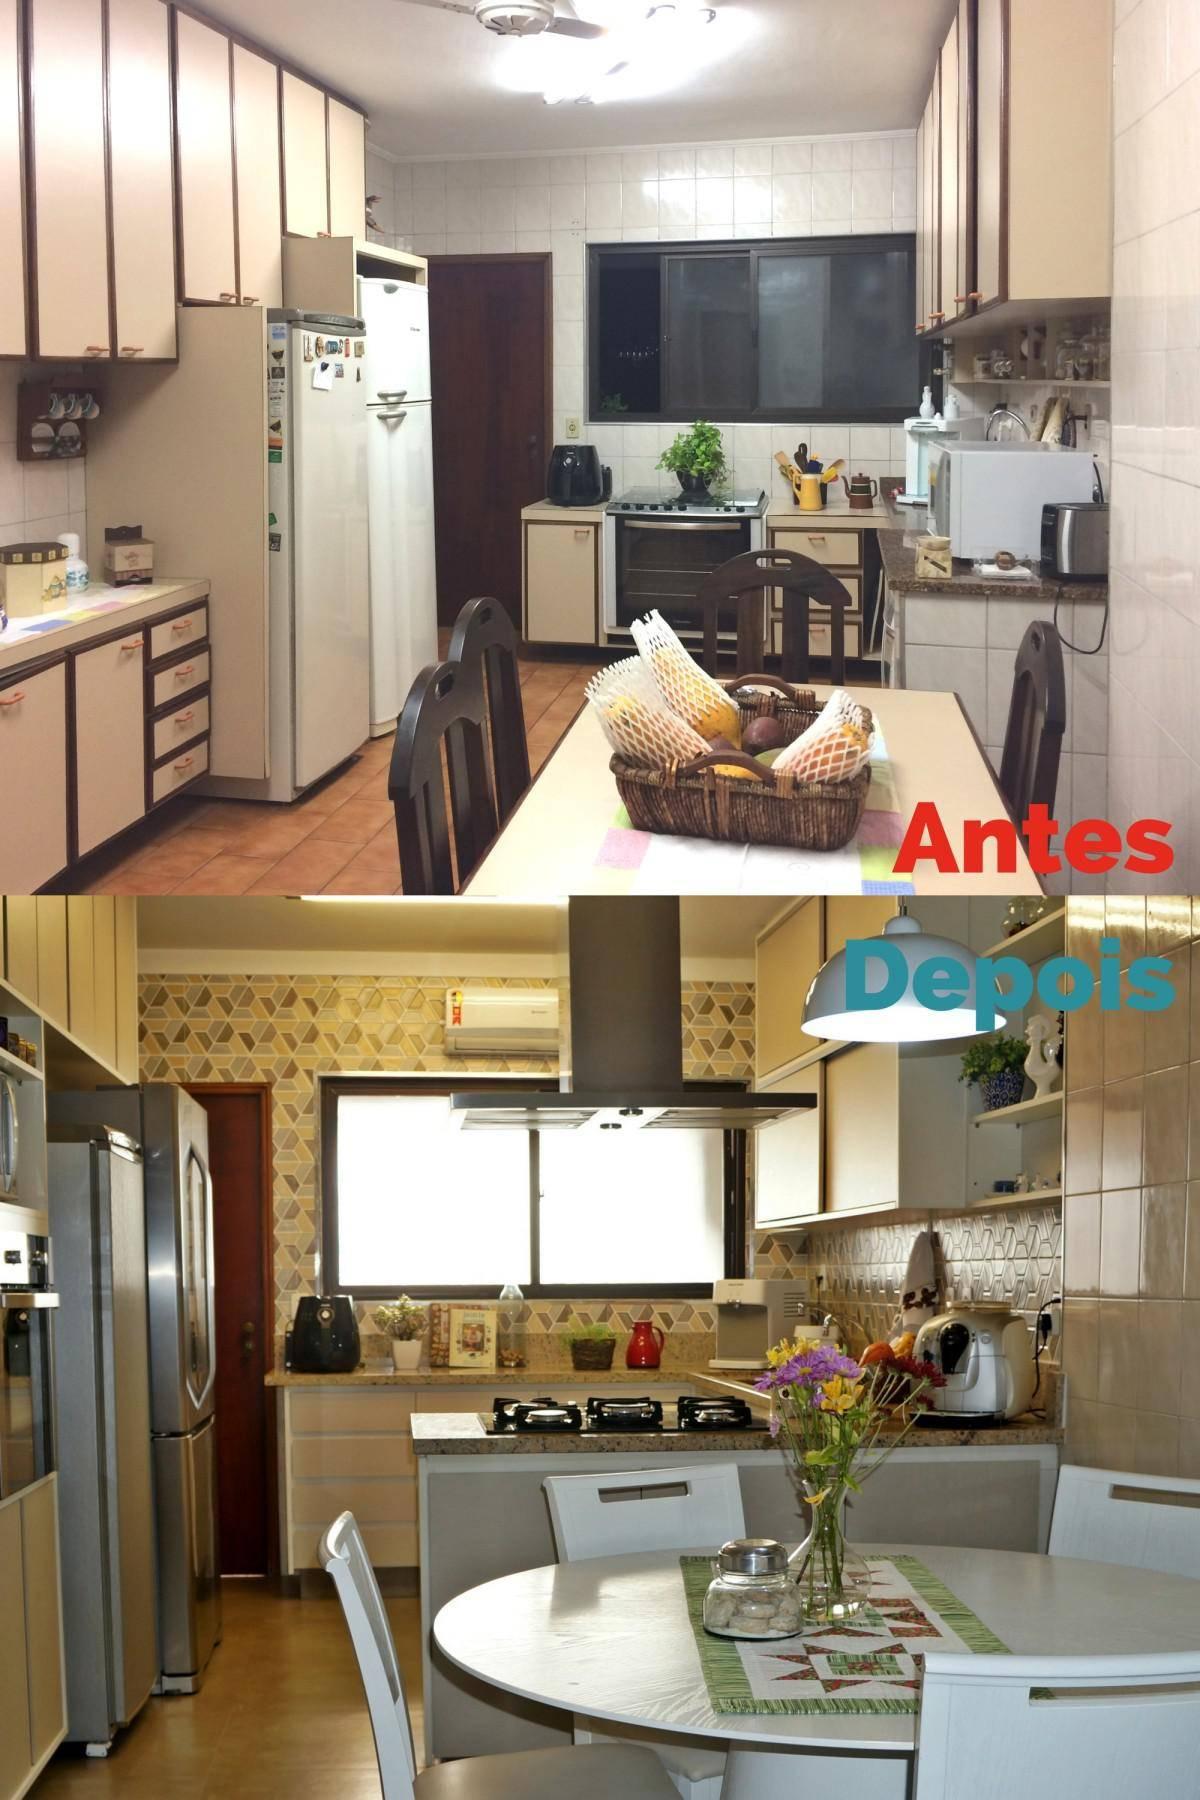 www.juicysantos.com.br - reforma de cozinha em santos sp